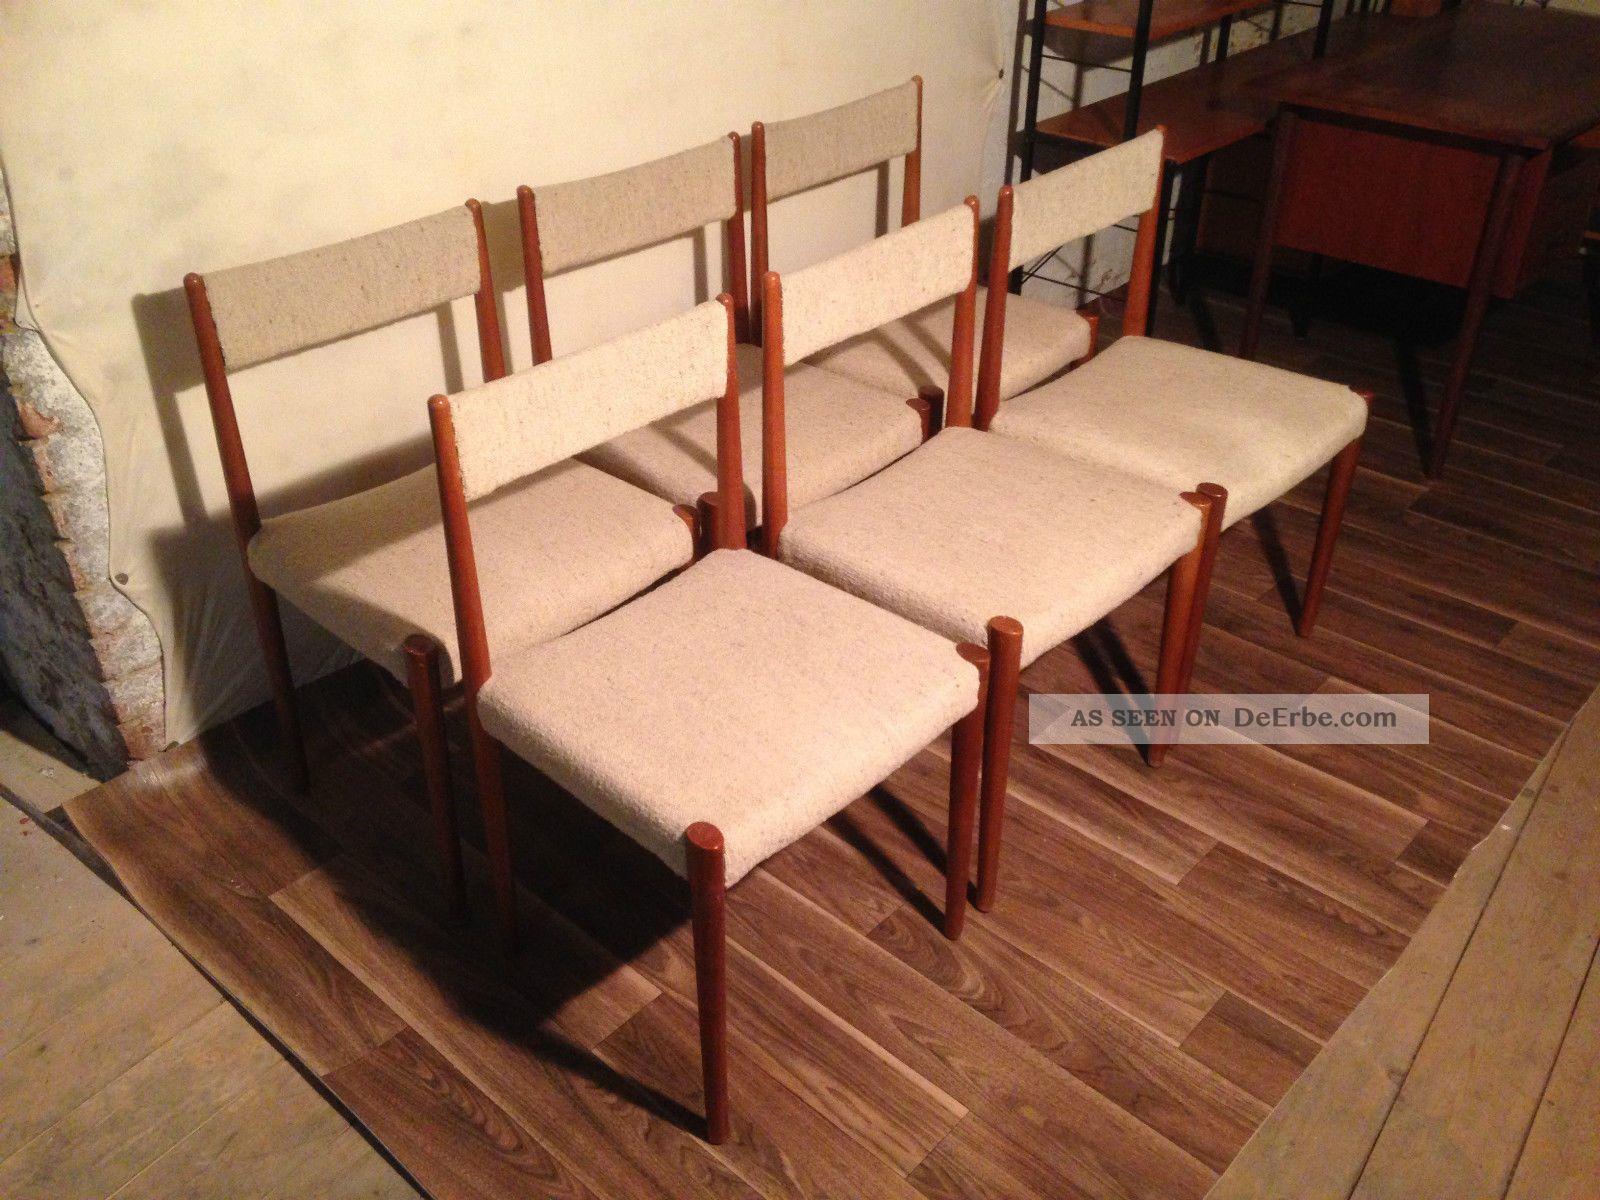 Tisch6 Lübke Esszimmer Dänemark Stühle Antiker Dänish 60er 3j4RqAL5